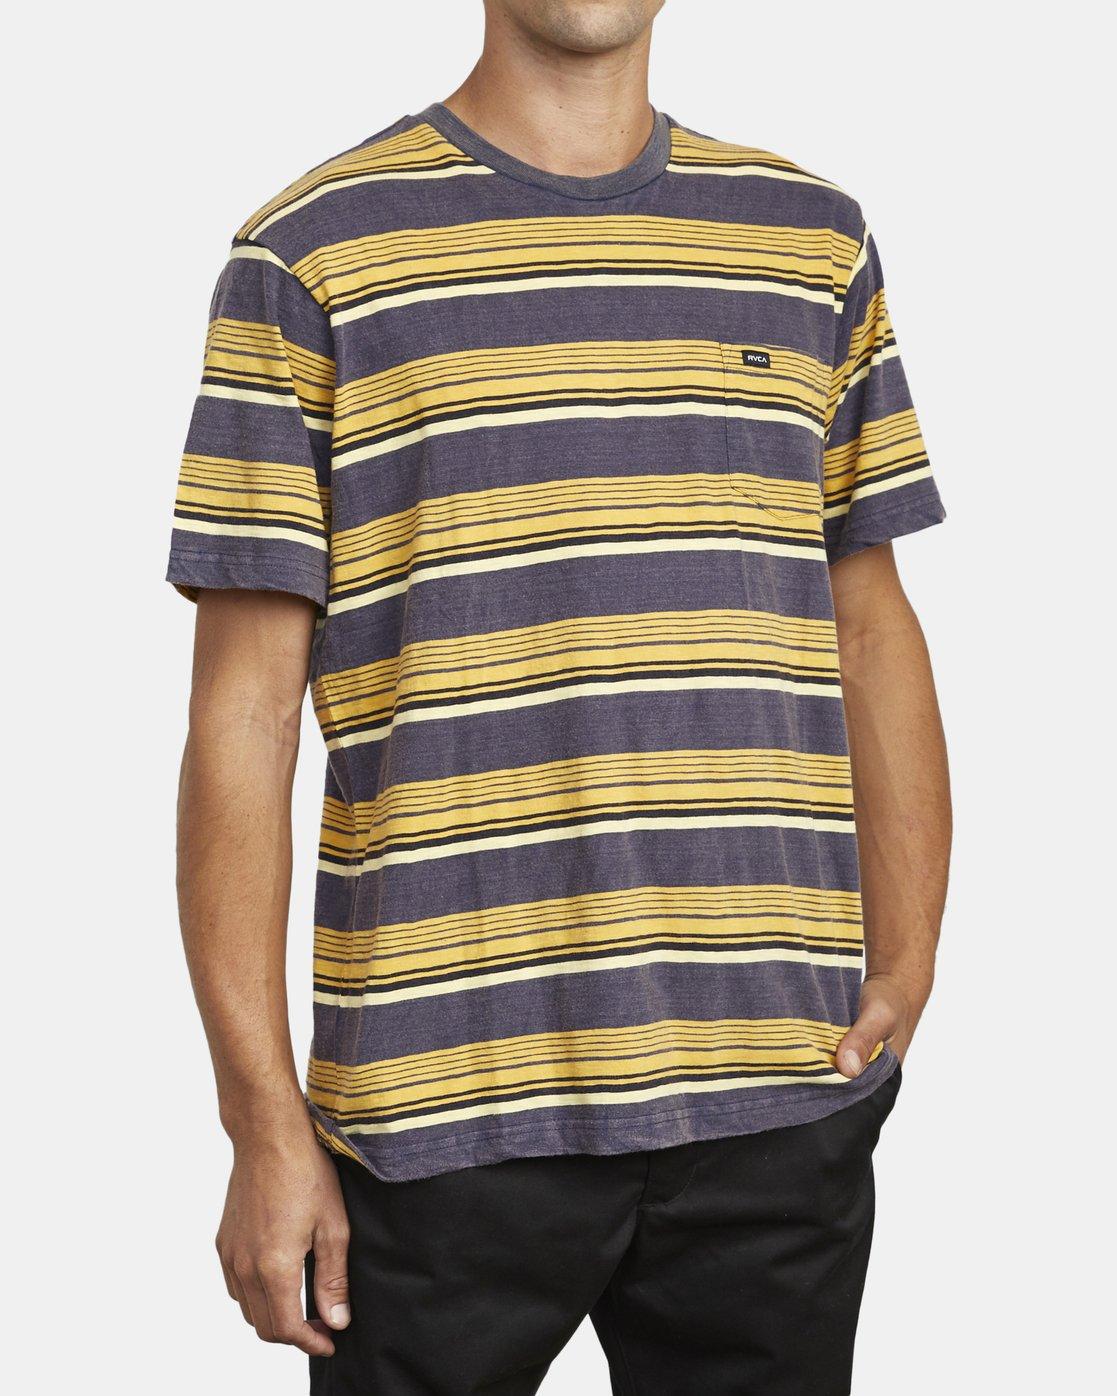 5 Ventura Stripe - Haut manches courtes pour Homme  U1KTRBRVF0 RVCA